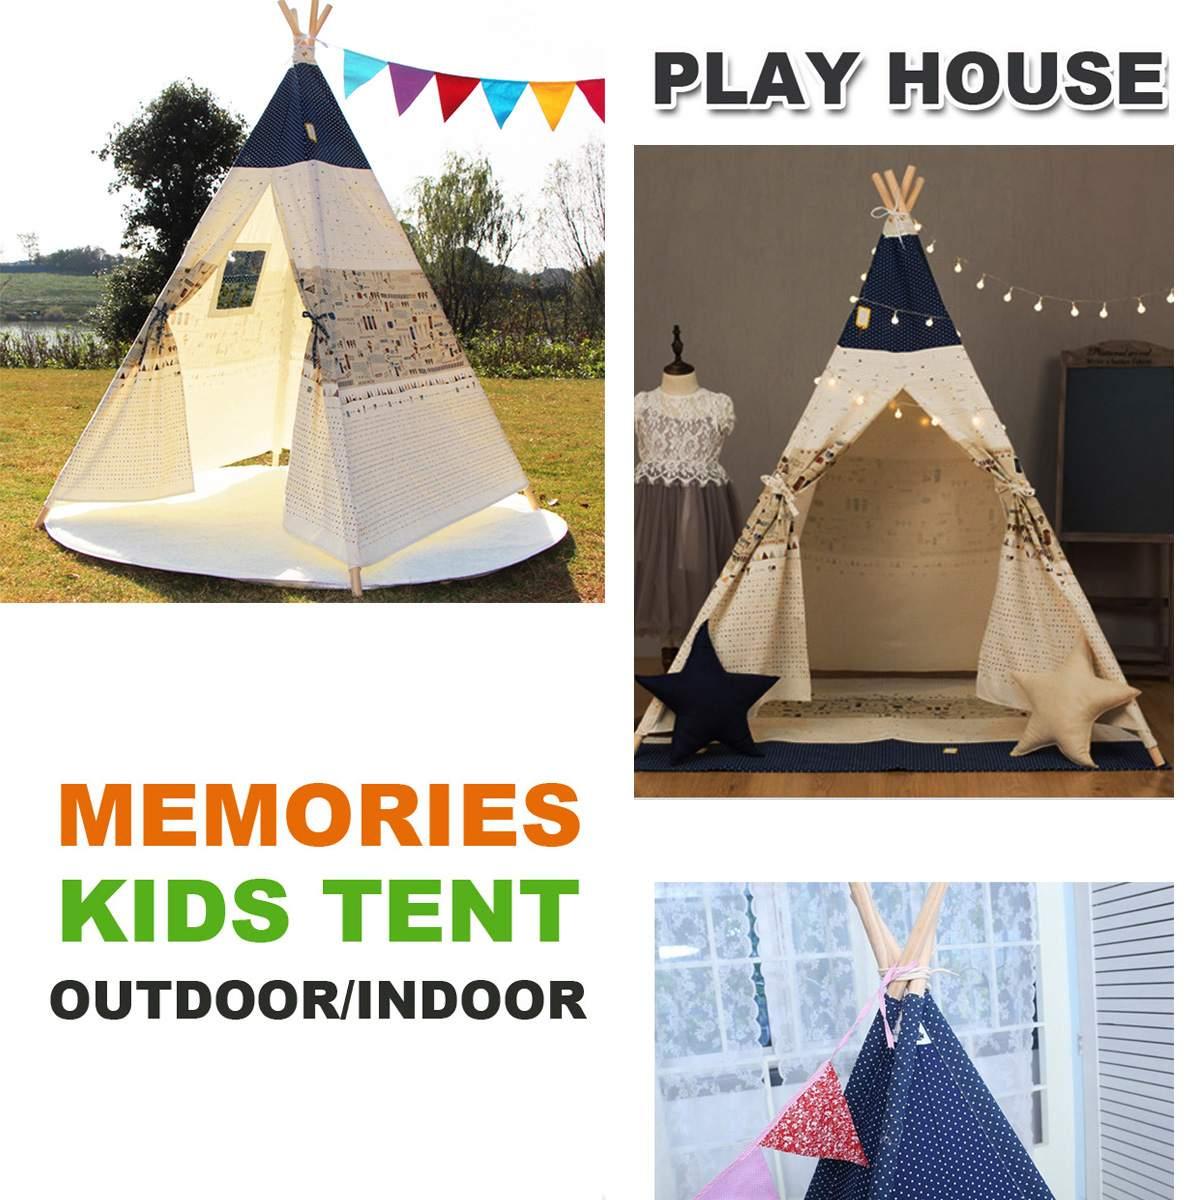 SGODDE Pet Tentes En Plein Air Wigwan Grands Enfants Jouent Tente Tipi Tipi Portable Pliant Camping En Plein Air Intérieur Extérieur Chiots Maison